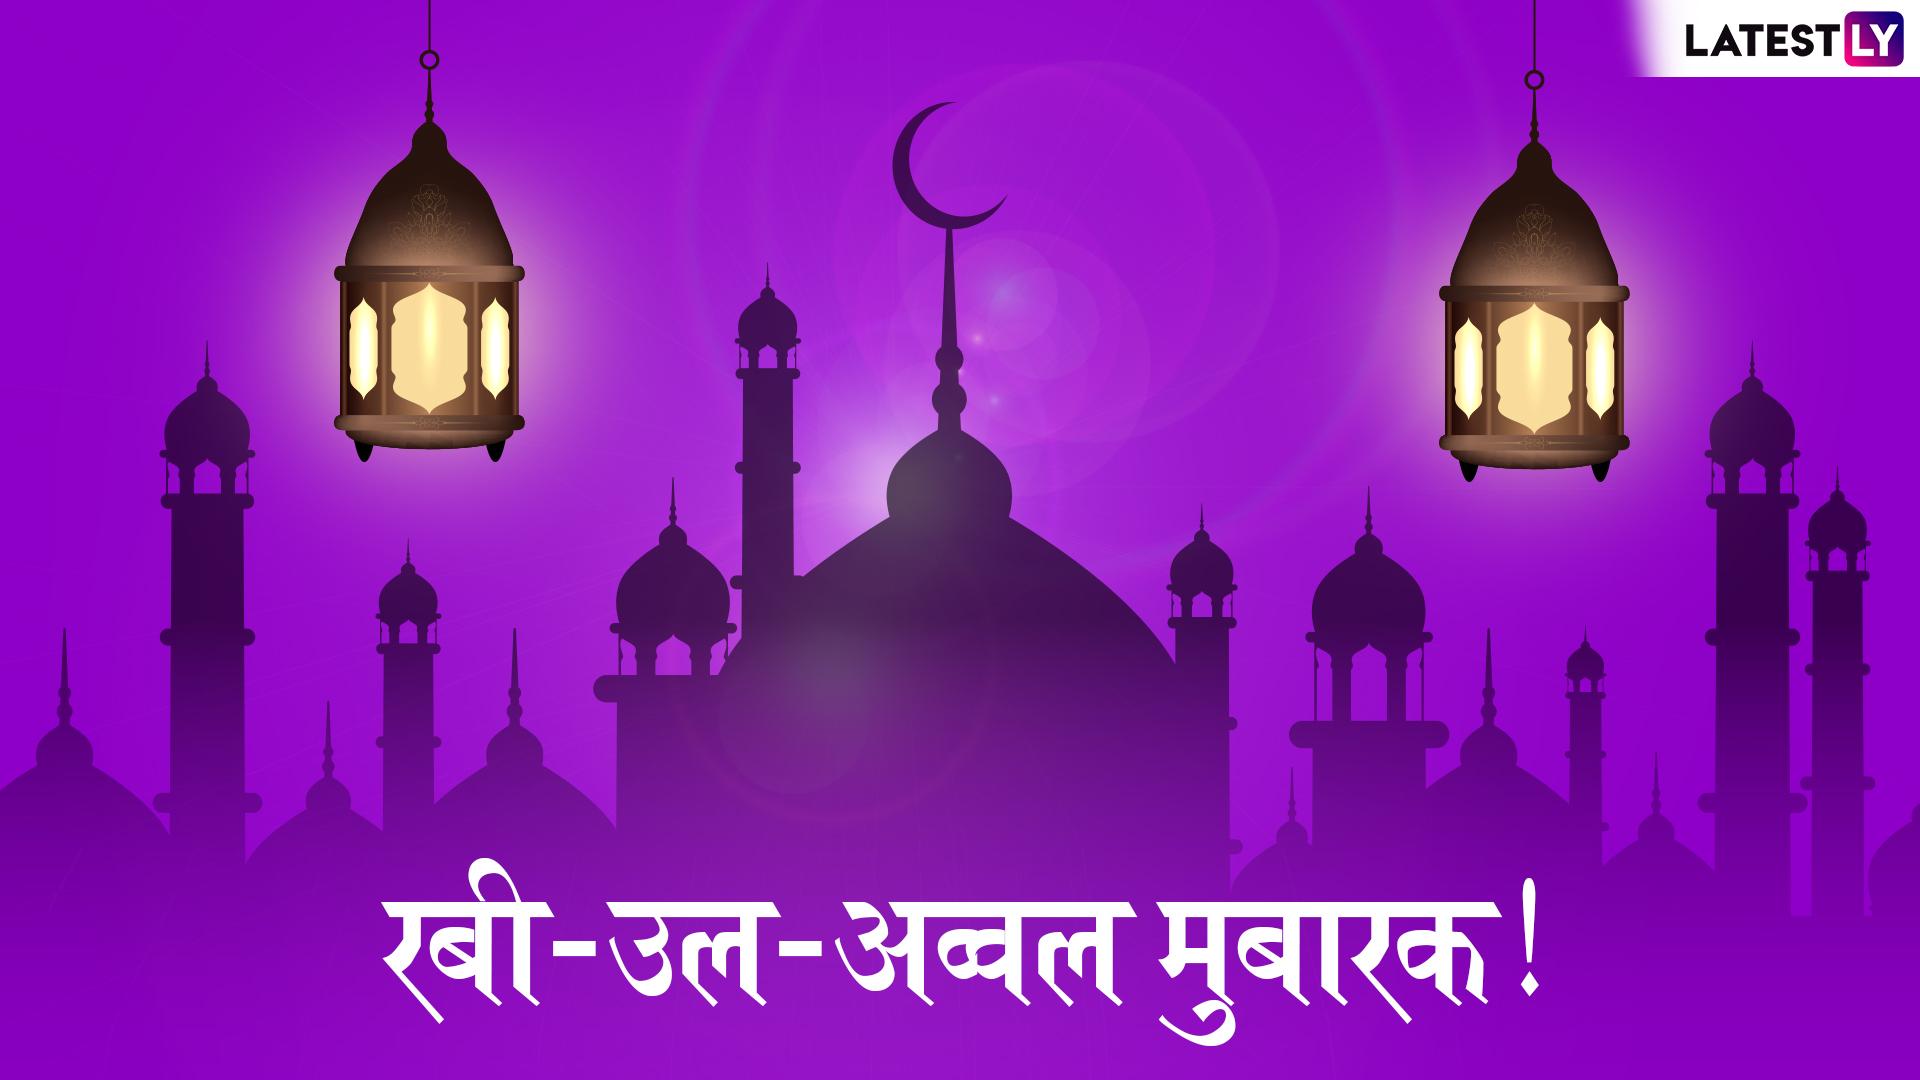 Rabi Ul Awwal Chand Mubarak Message: चांद को देखकर शुरू हुआ रबी-उल-अव्वल का पाक महीना, इन मैसेजेस के जरिए अपने परिजनों को दें बधाई